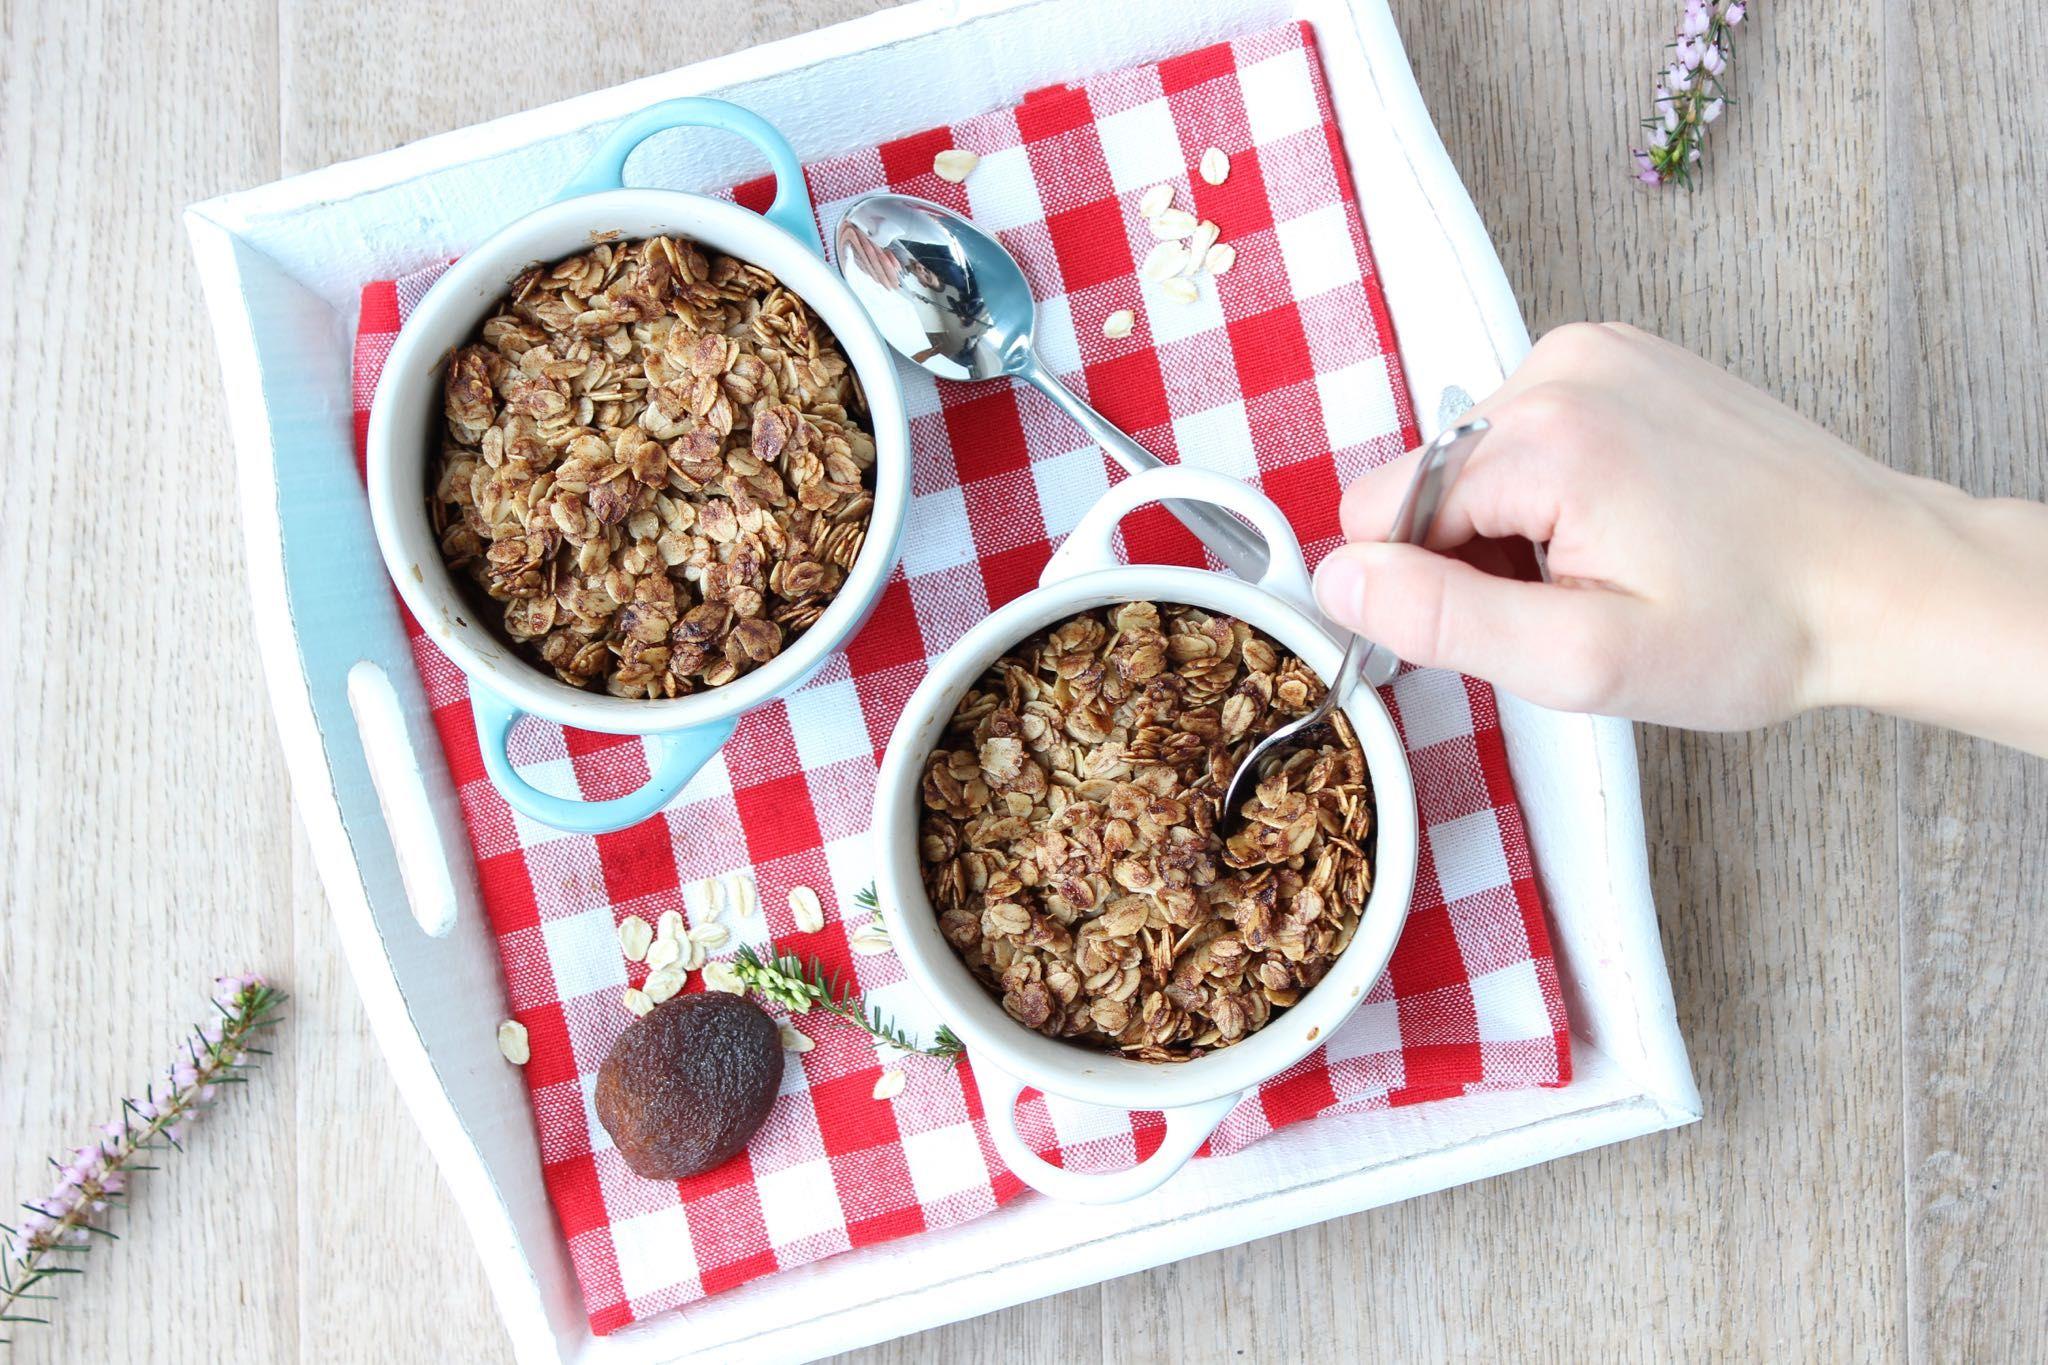 Recept voor baked oats met appel en abrikoos, een lekker gezond en warm ontbijt uit de oven met havermout op www.eethetbeter.nl!